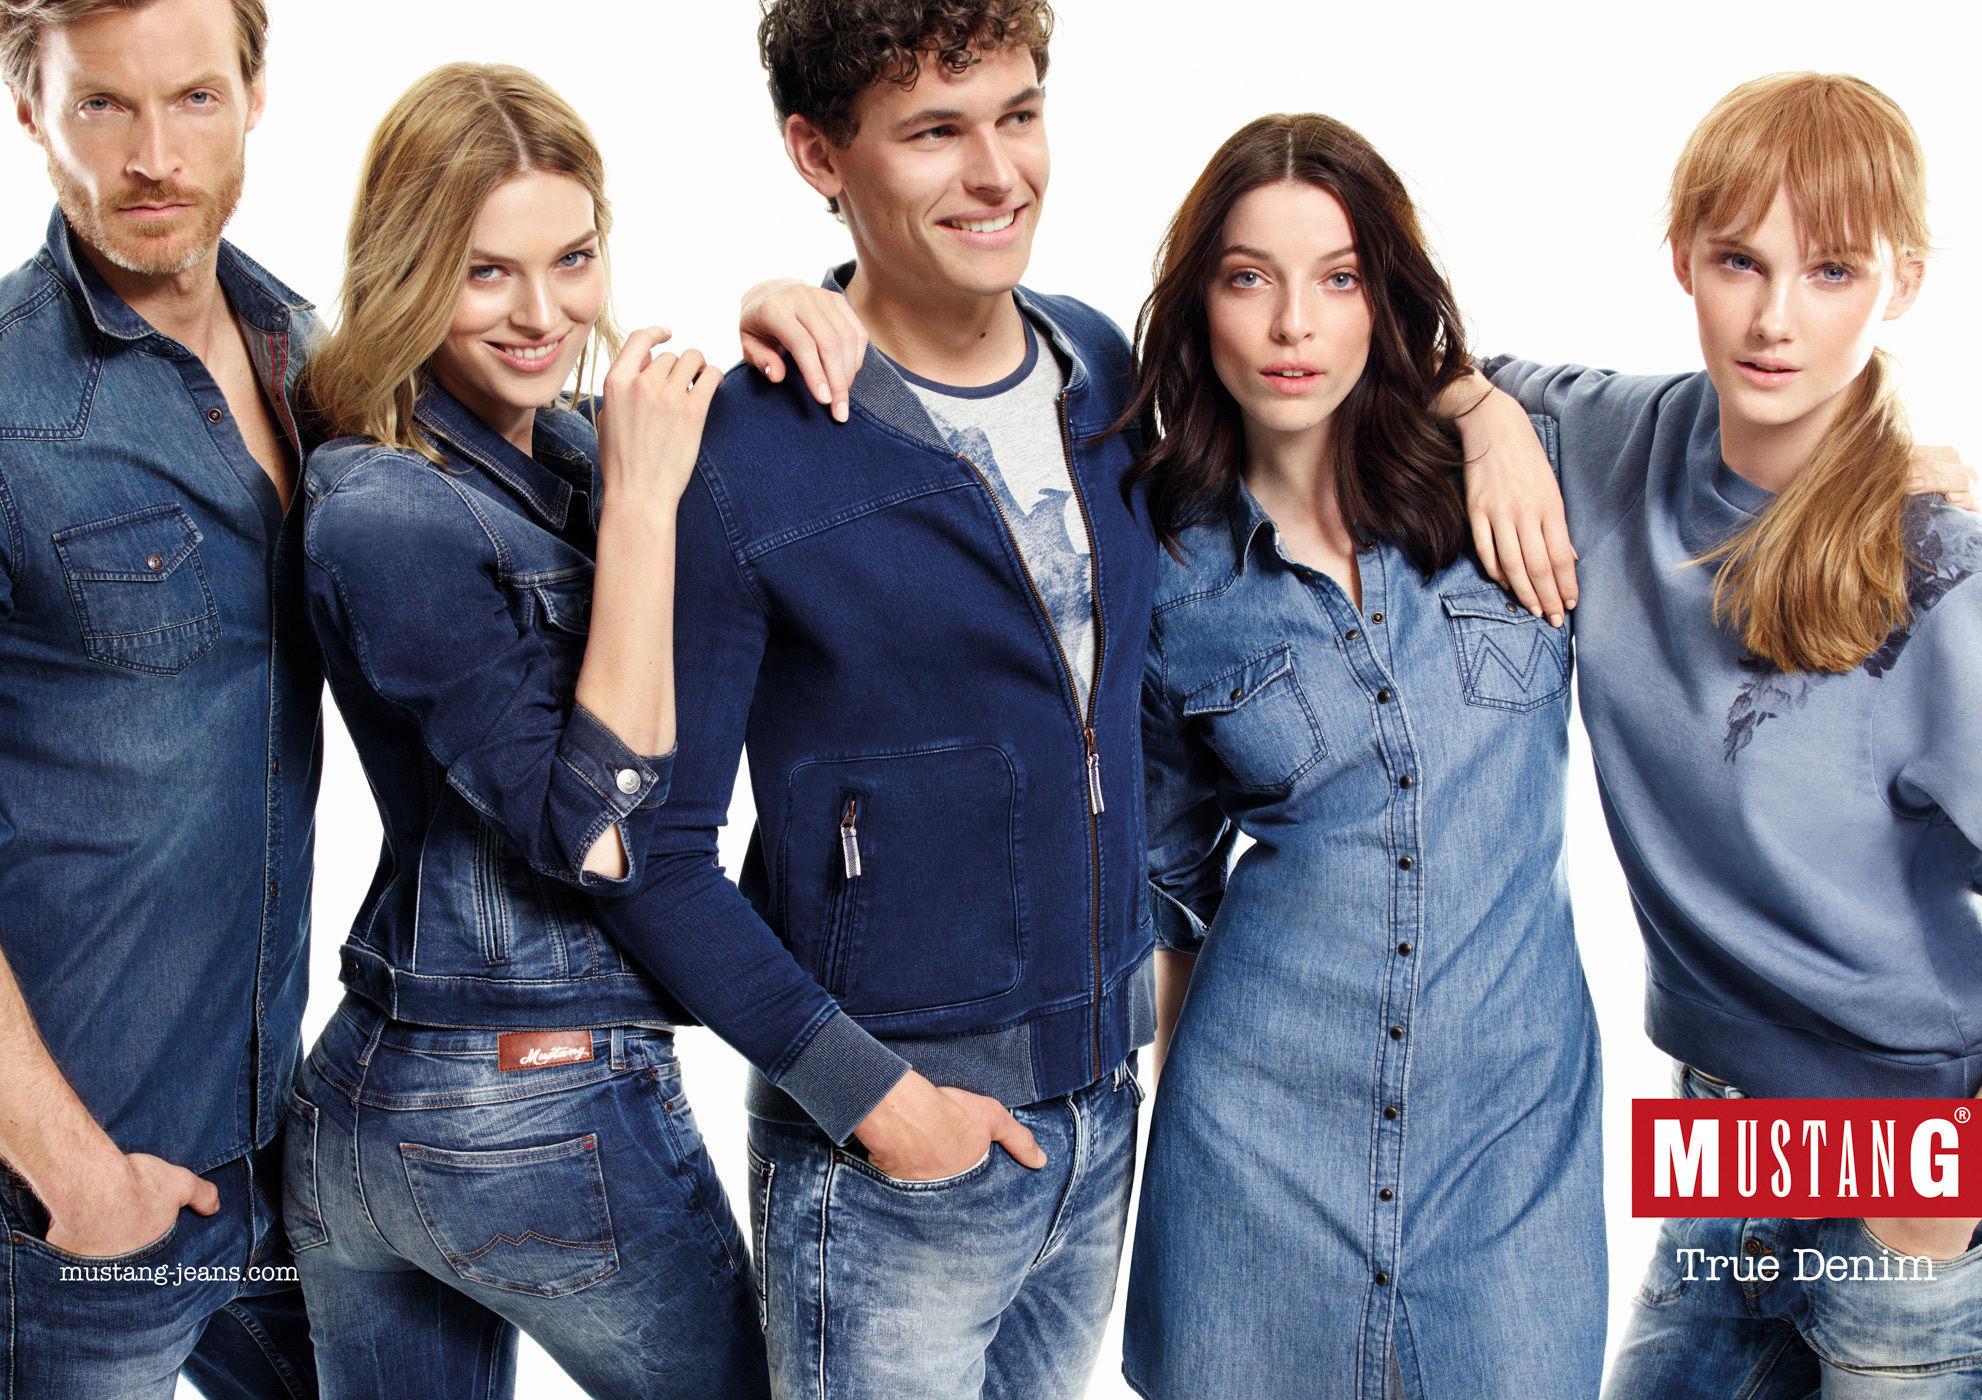 пространство фото рекламы джинс название переводится как